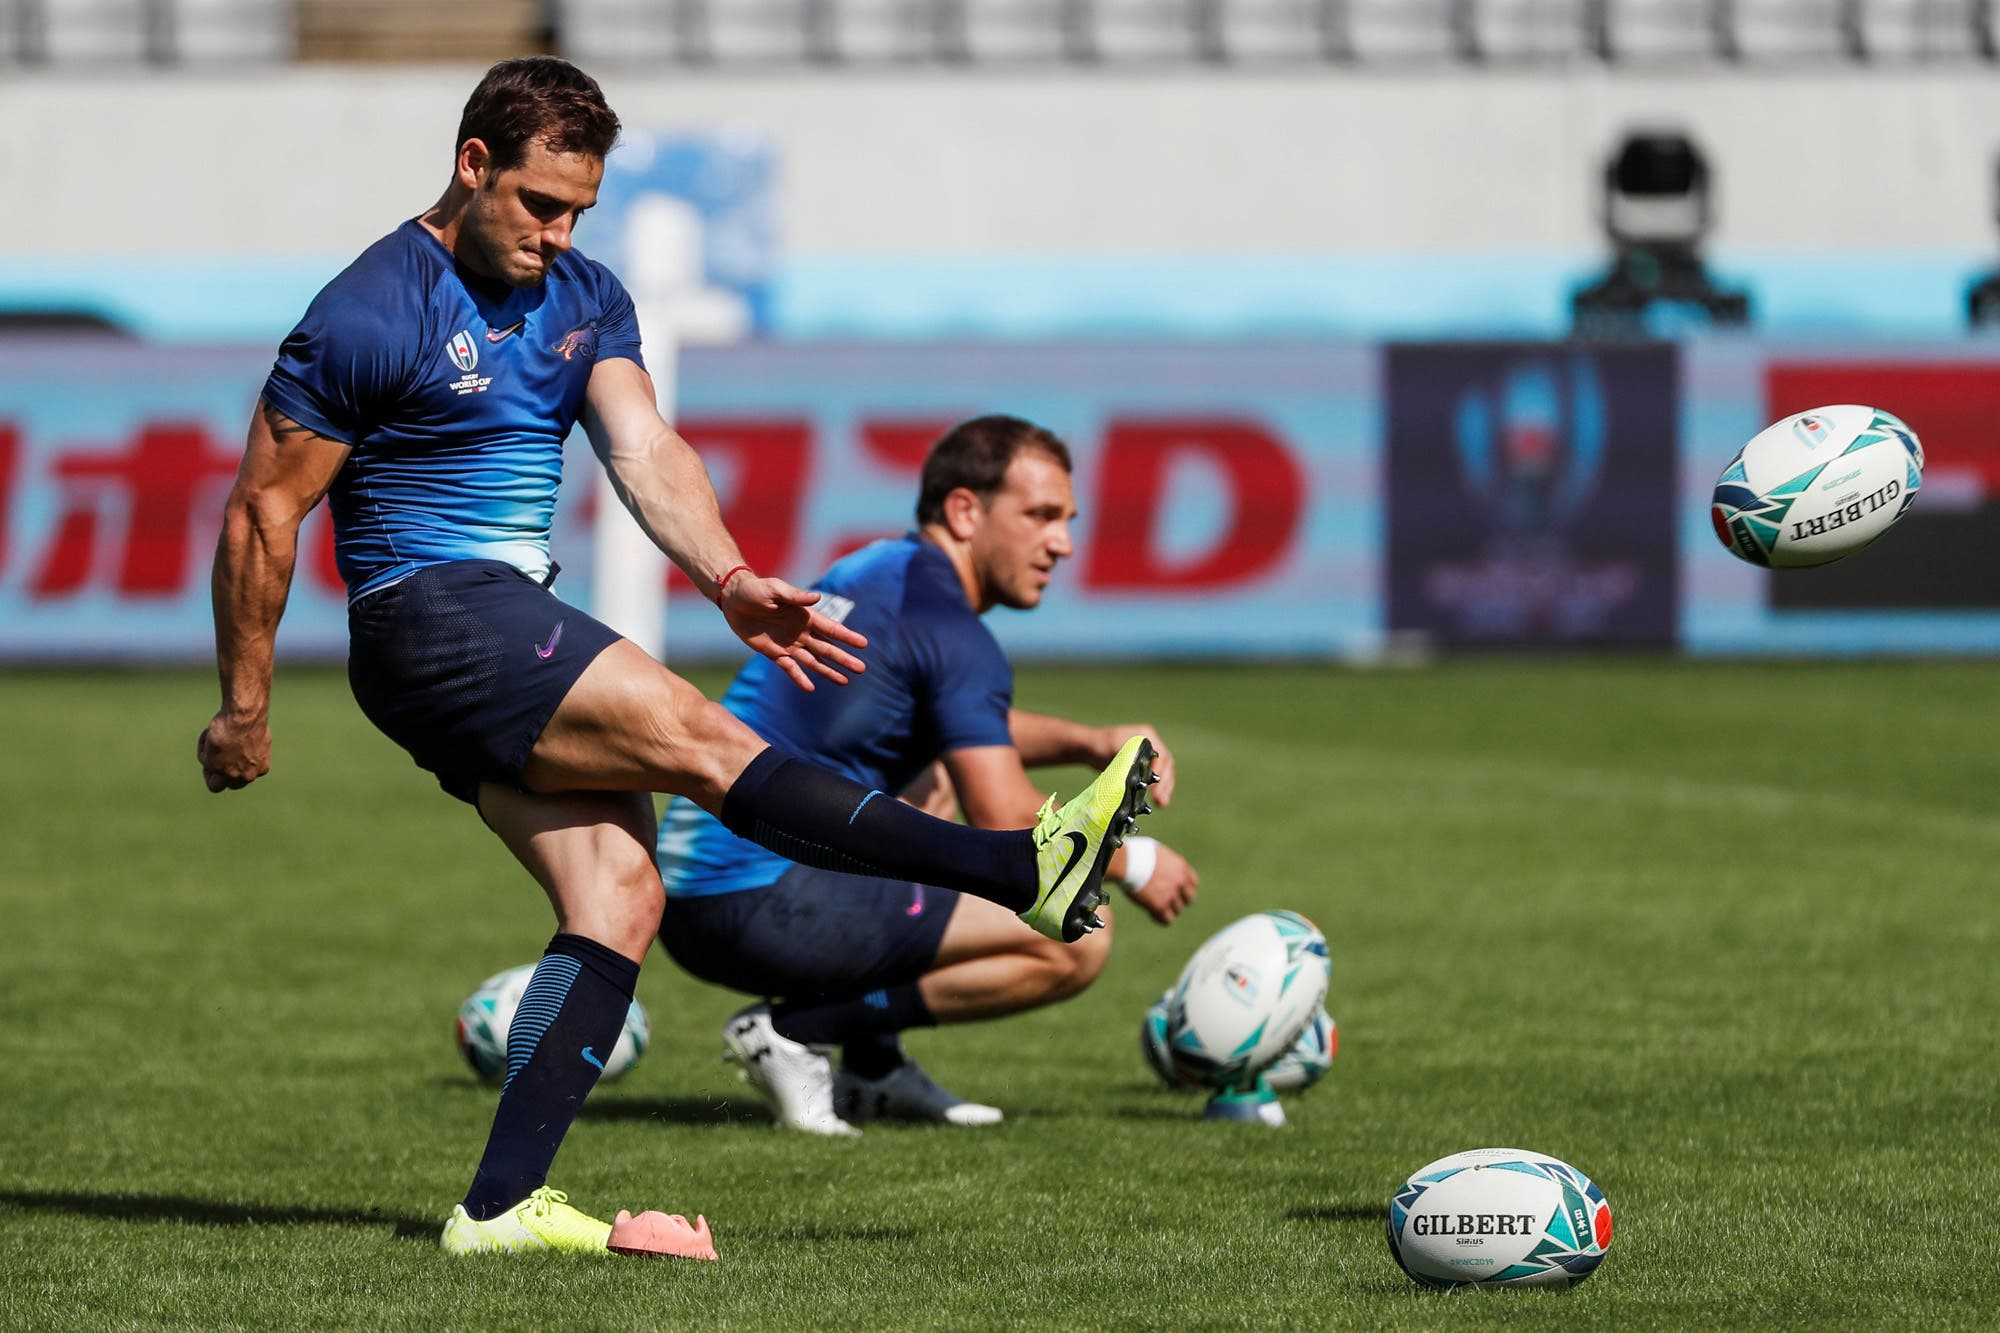 Mundial de rugby: los Pumas y Francia, ante un clásico siempre decisivo